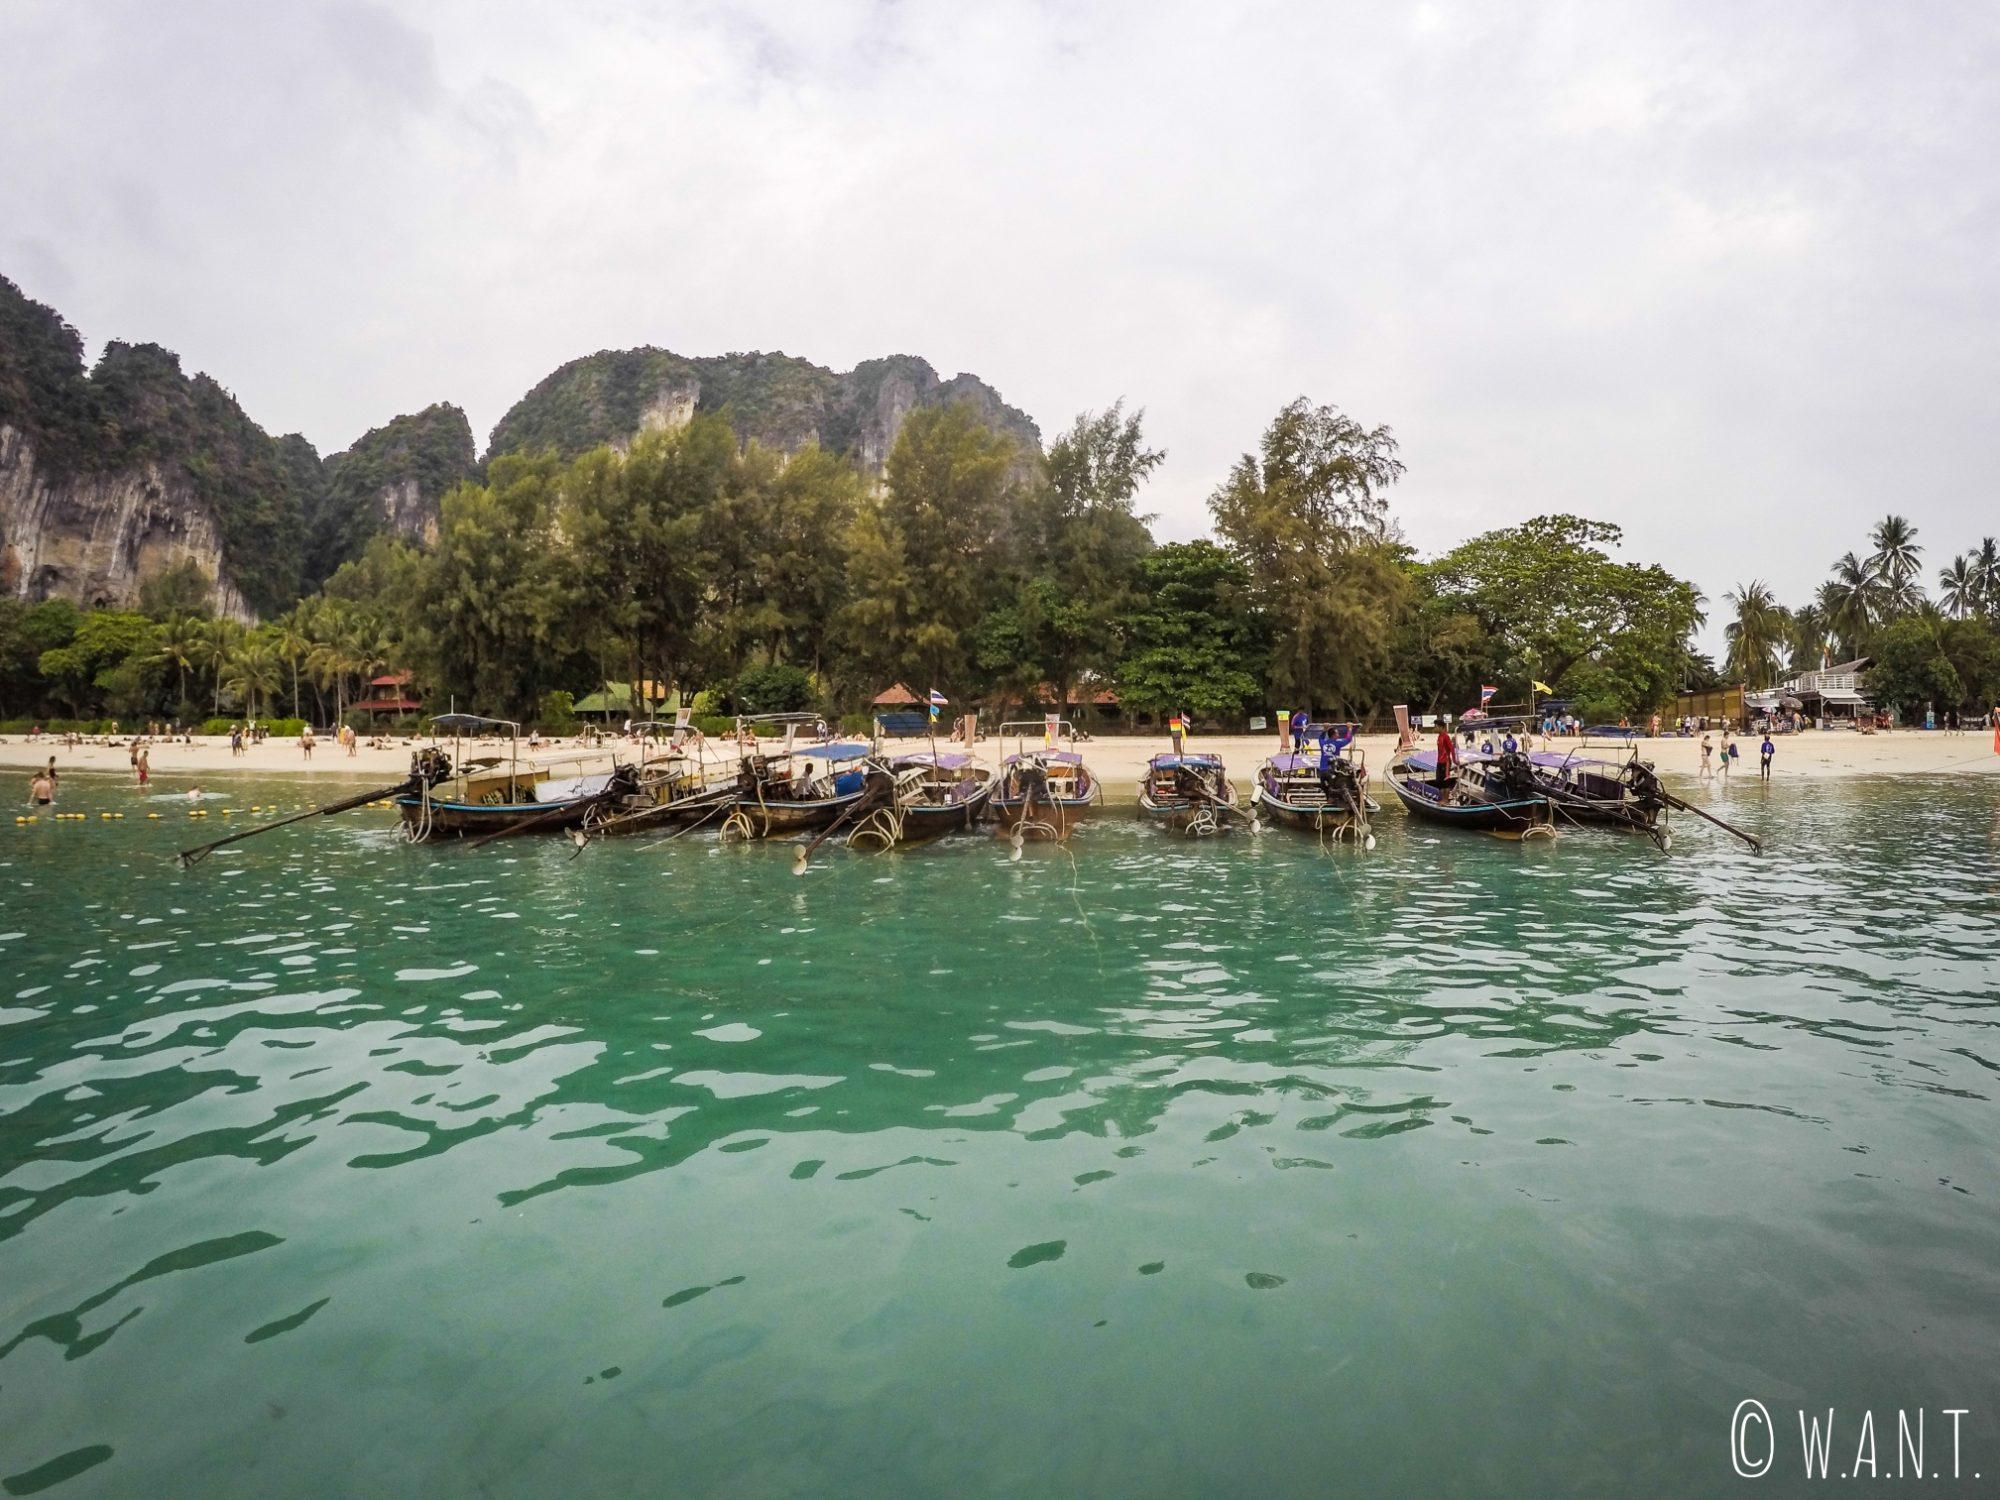 Arrivée sur la plage de Railay Beach dans la province de Krabi